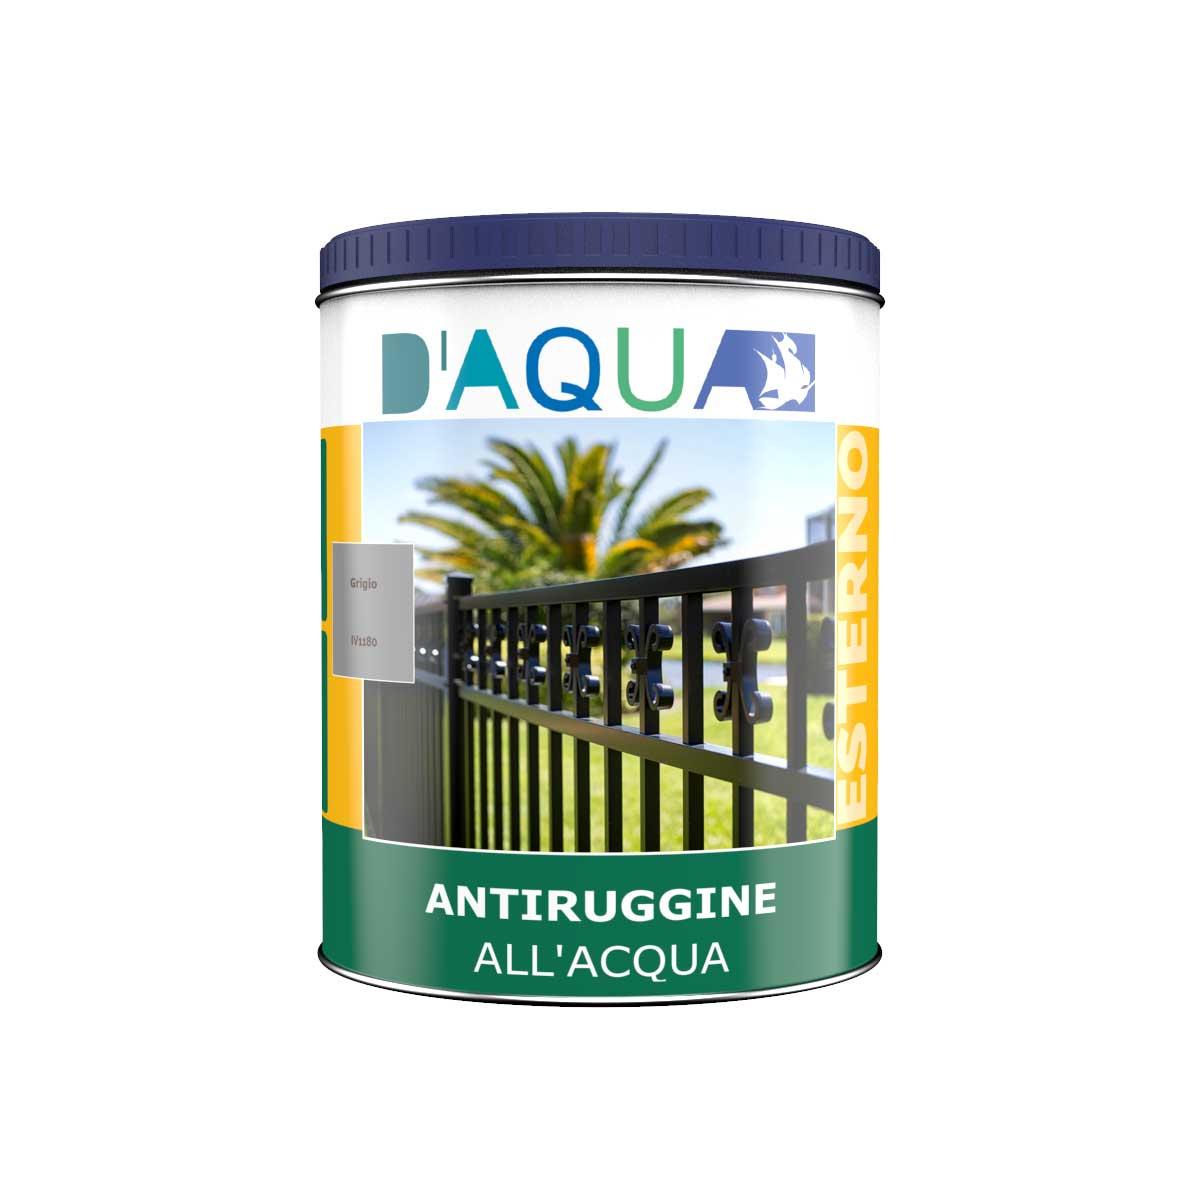 antiruggine all'acqua serie IV1180 D'AQUA